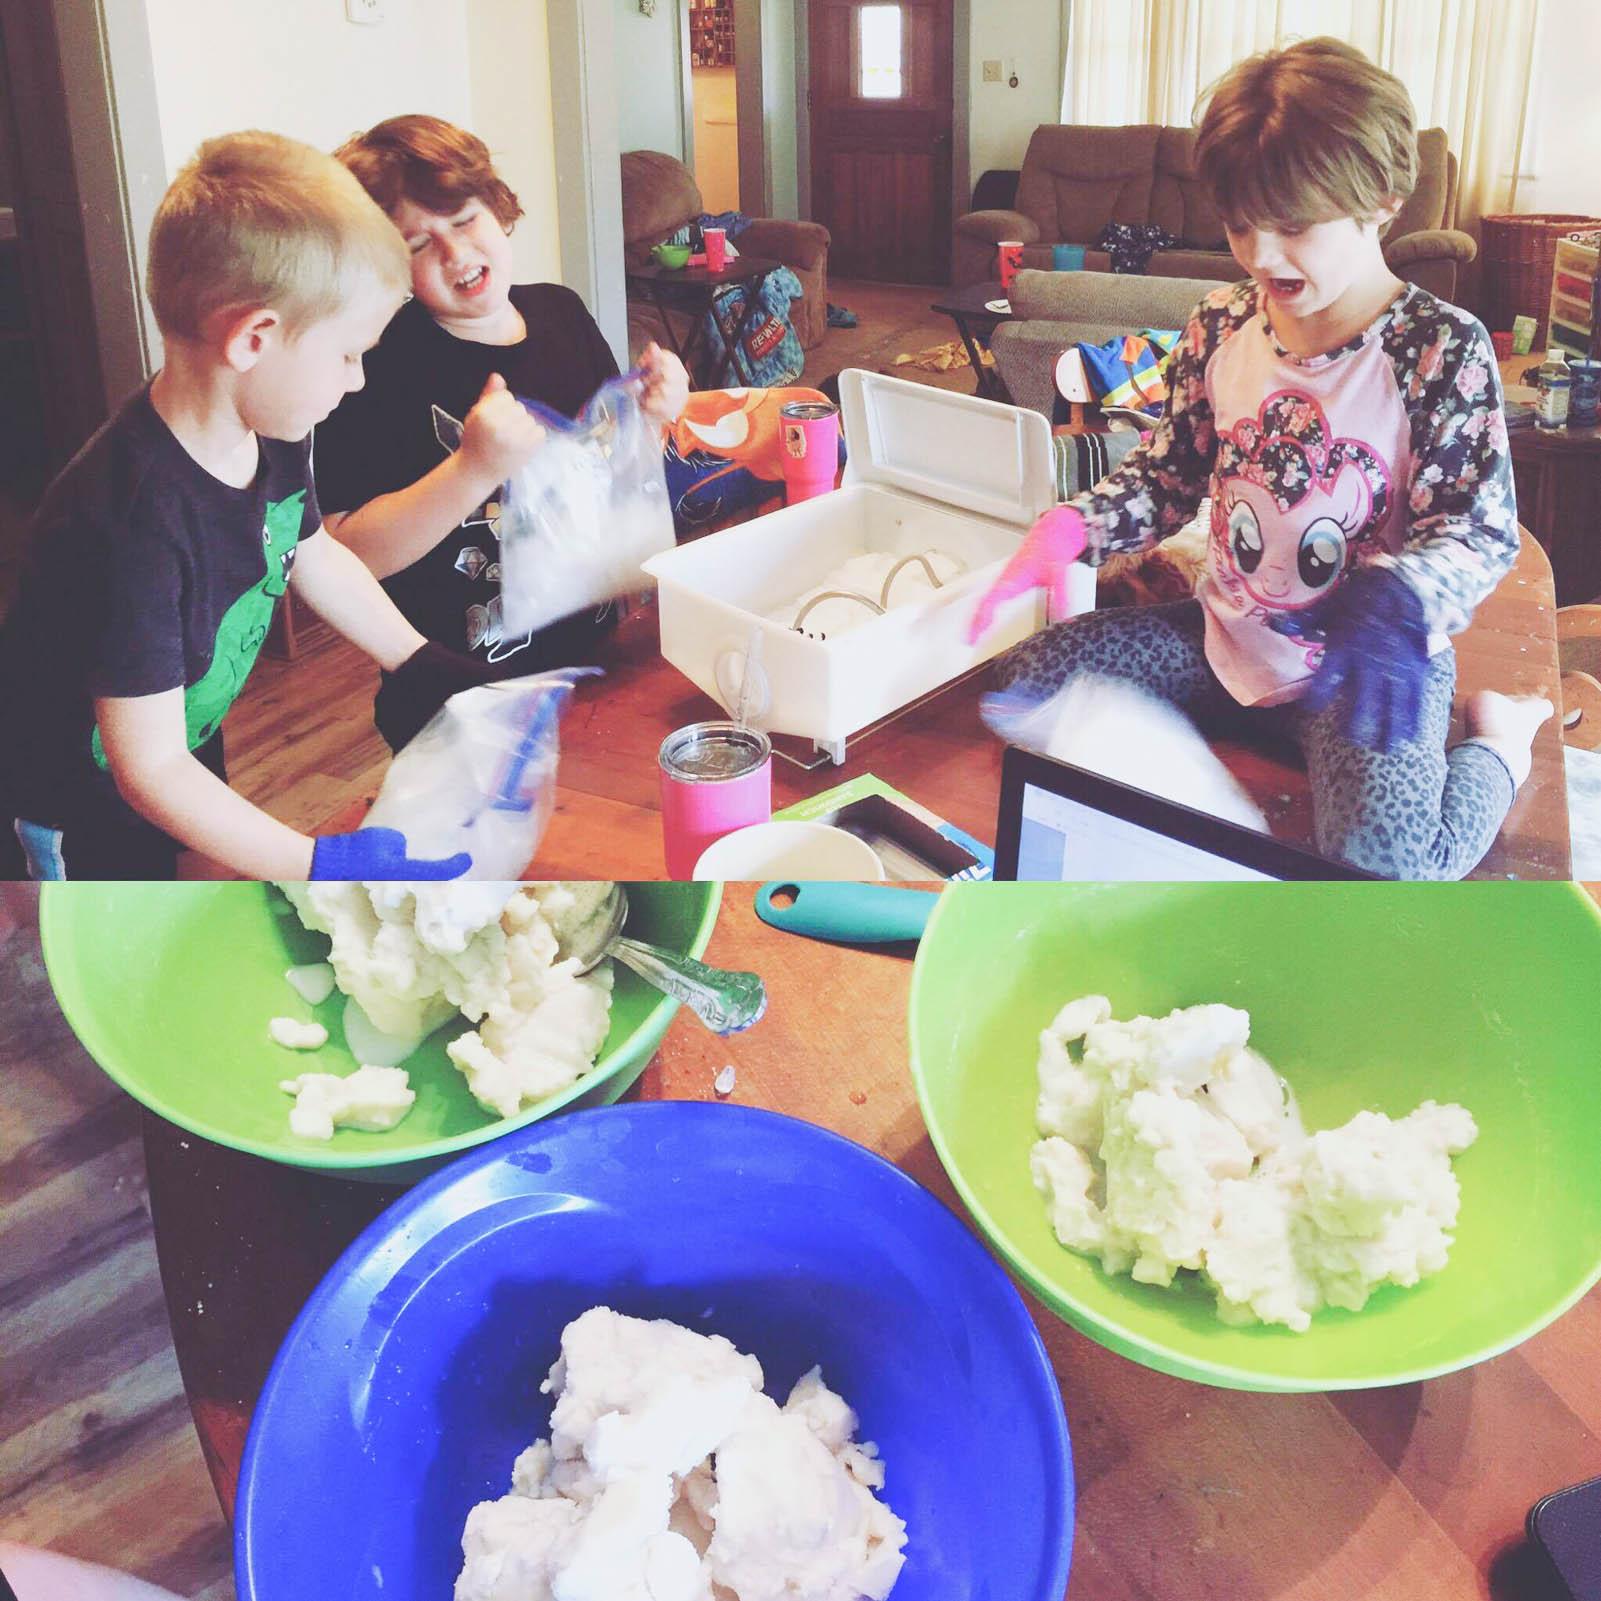 making homemade icecream tyler sandon